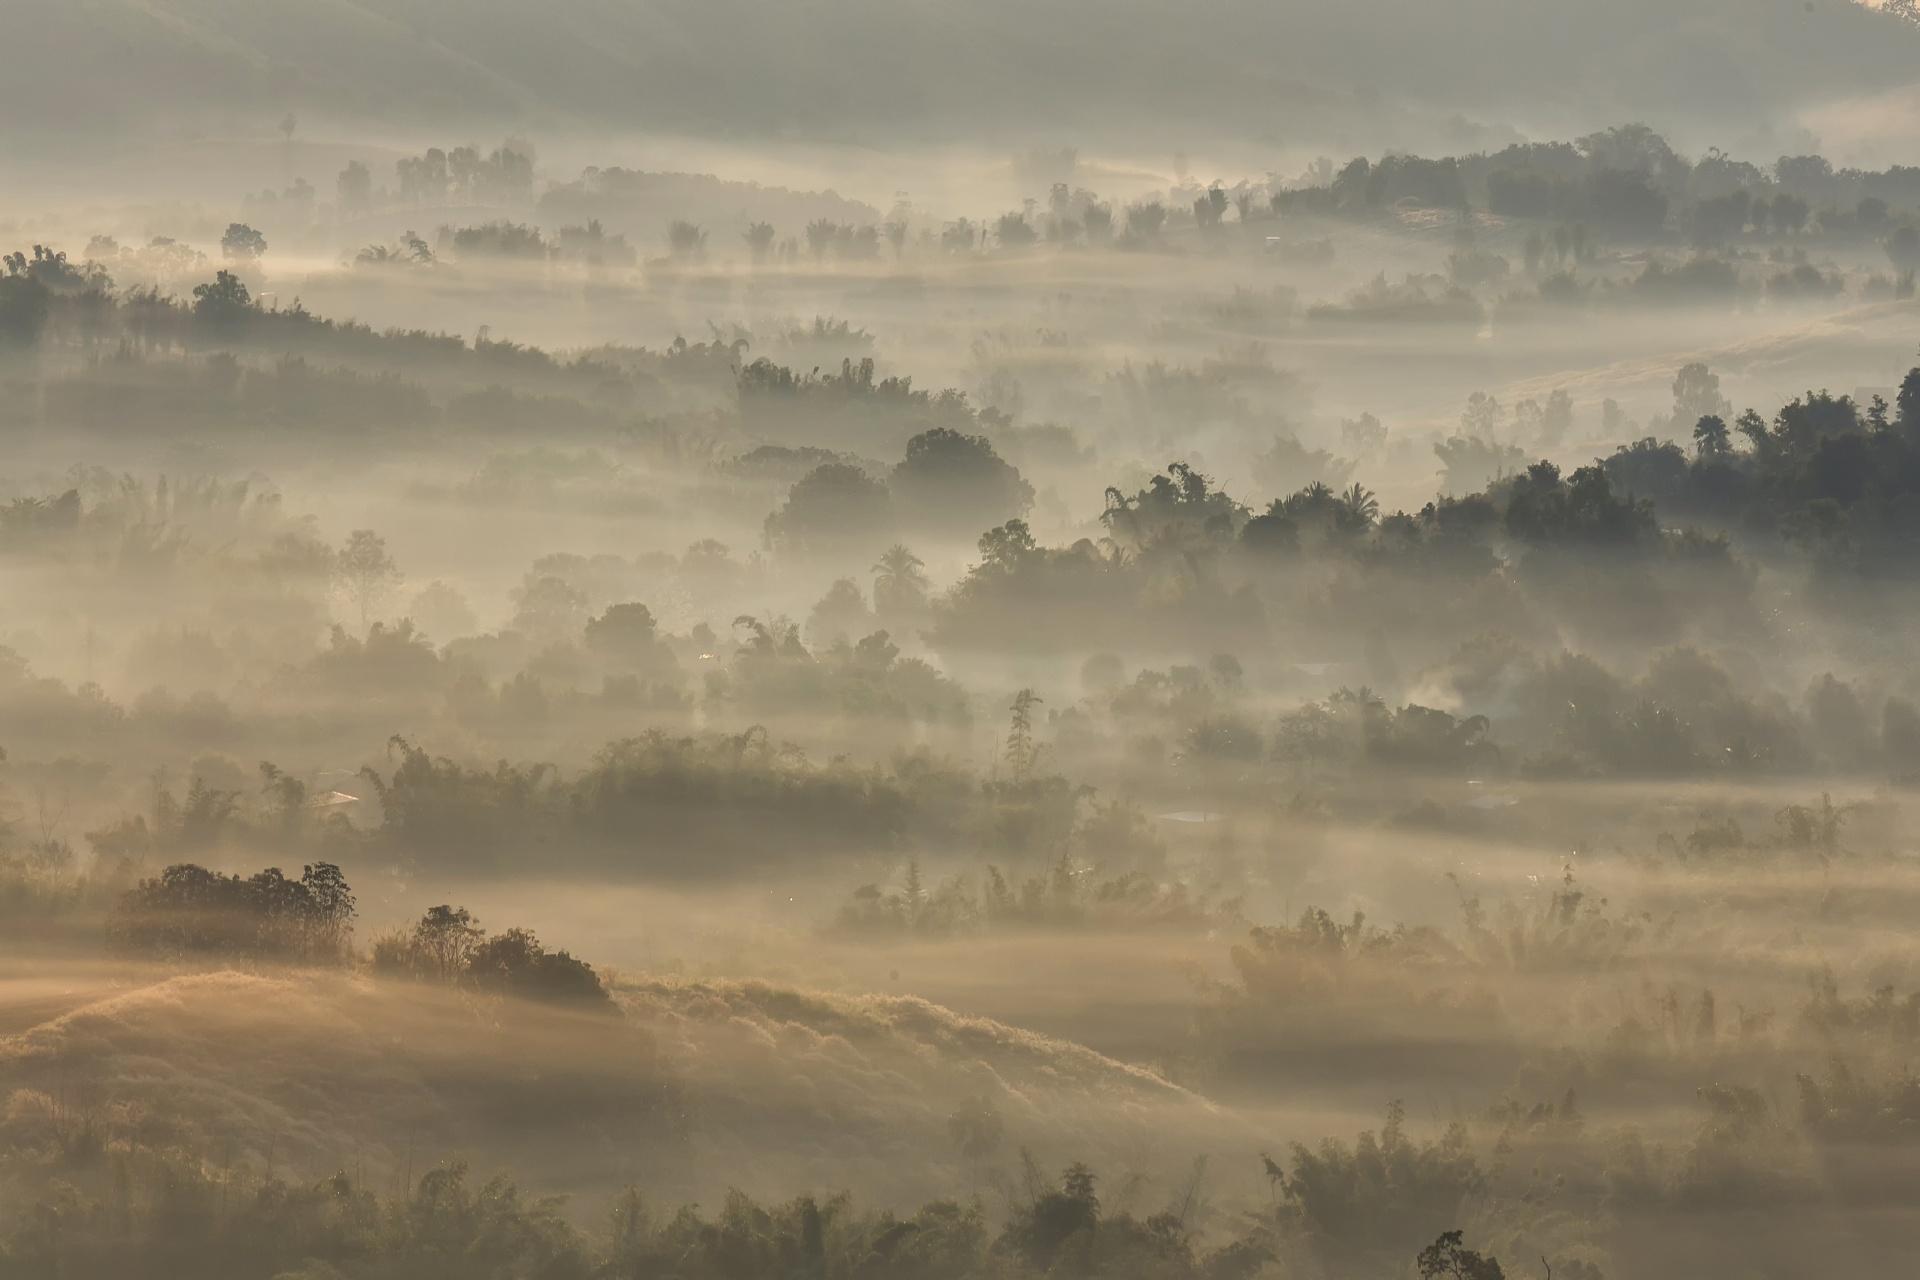 日の出の風景 山と朝霧の風景 タイの風景